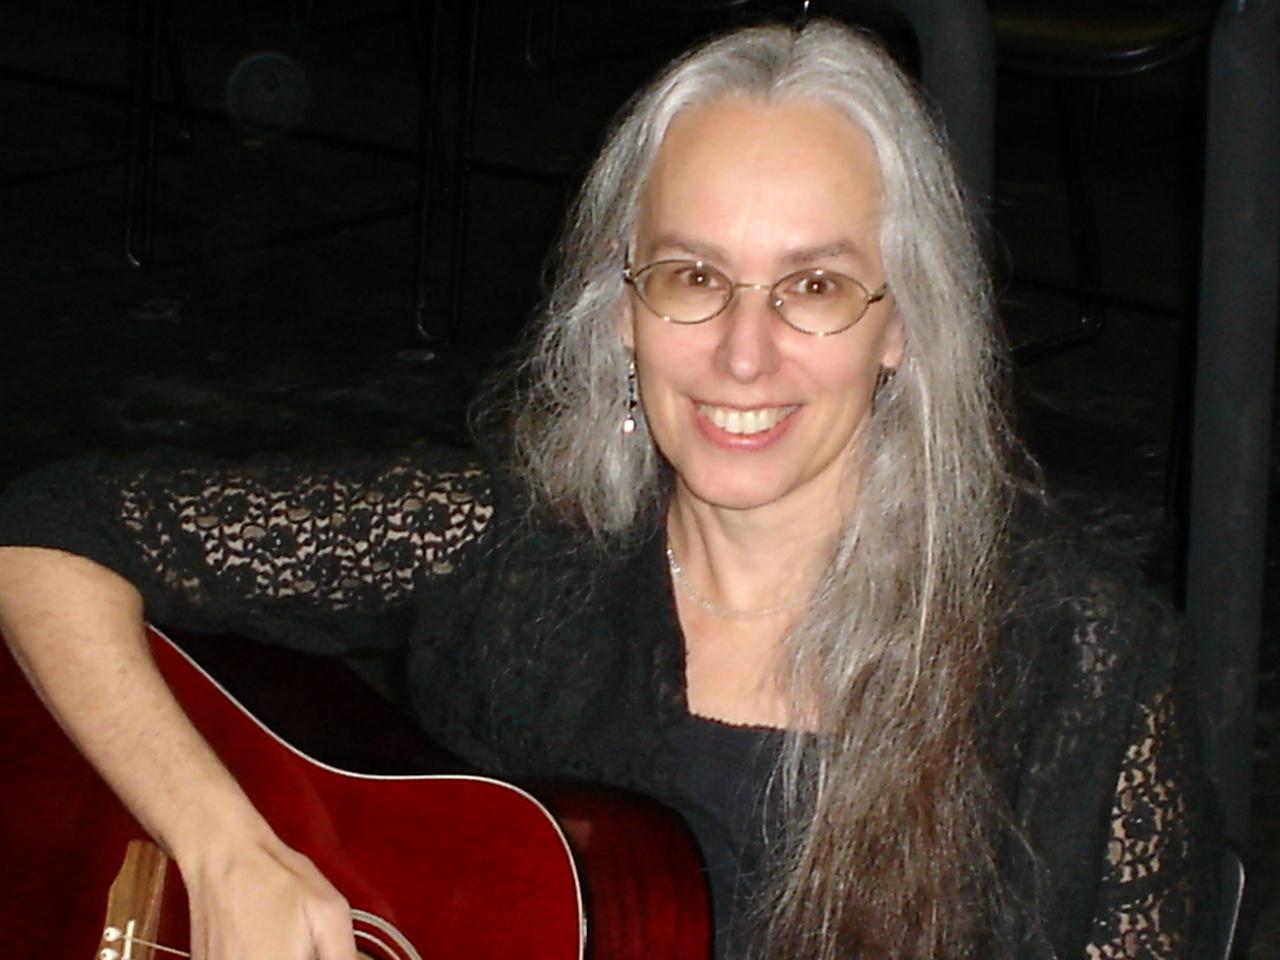 Mary Rocap